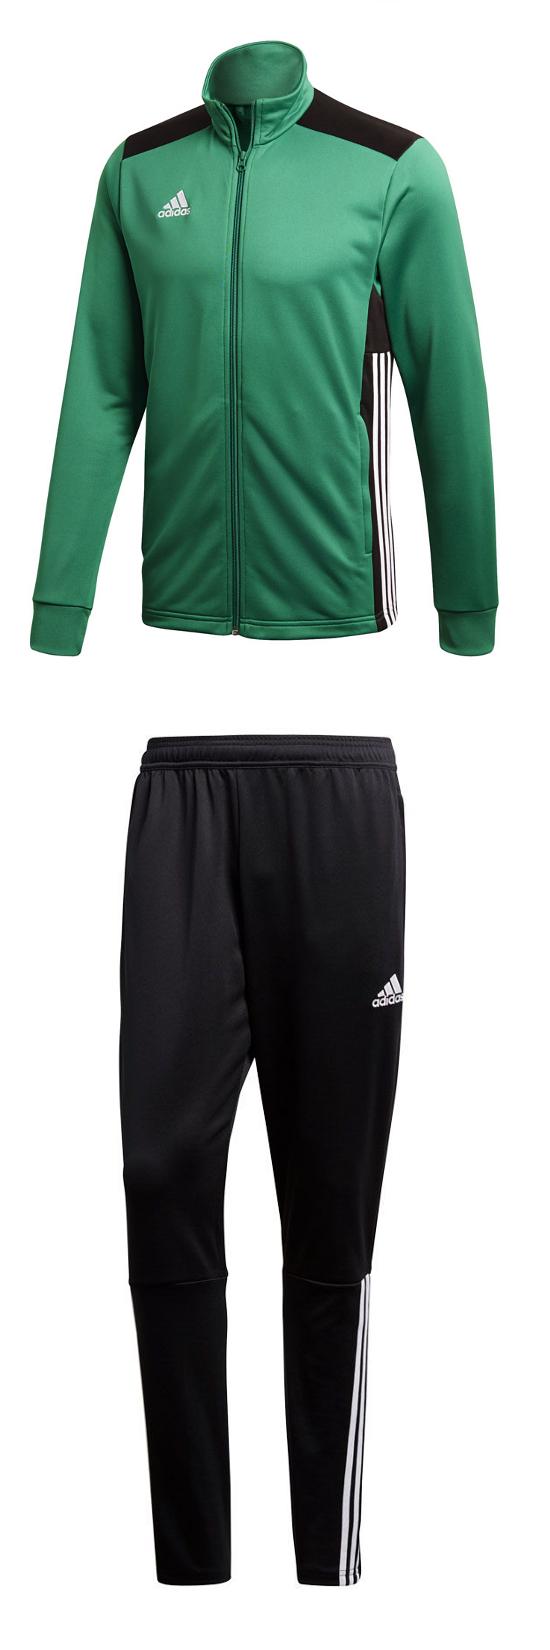 adidas trainingsanzug grün weiß